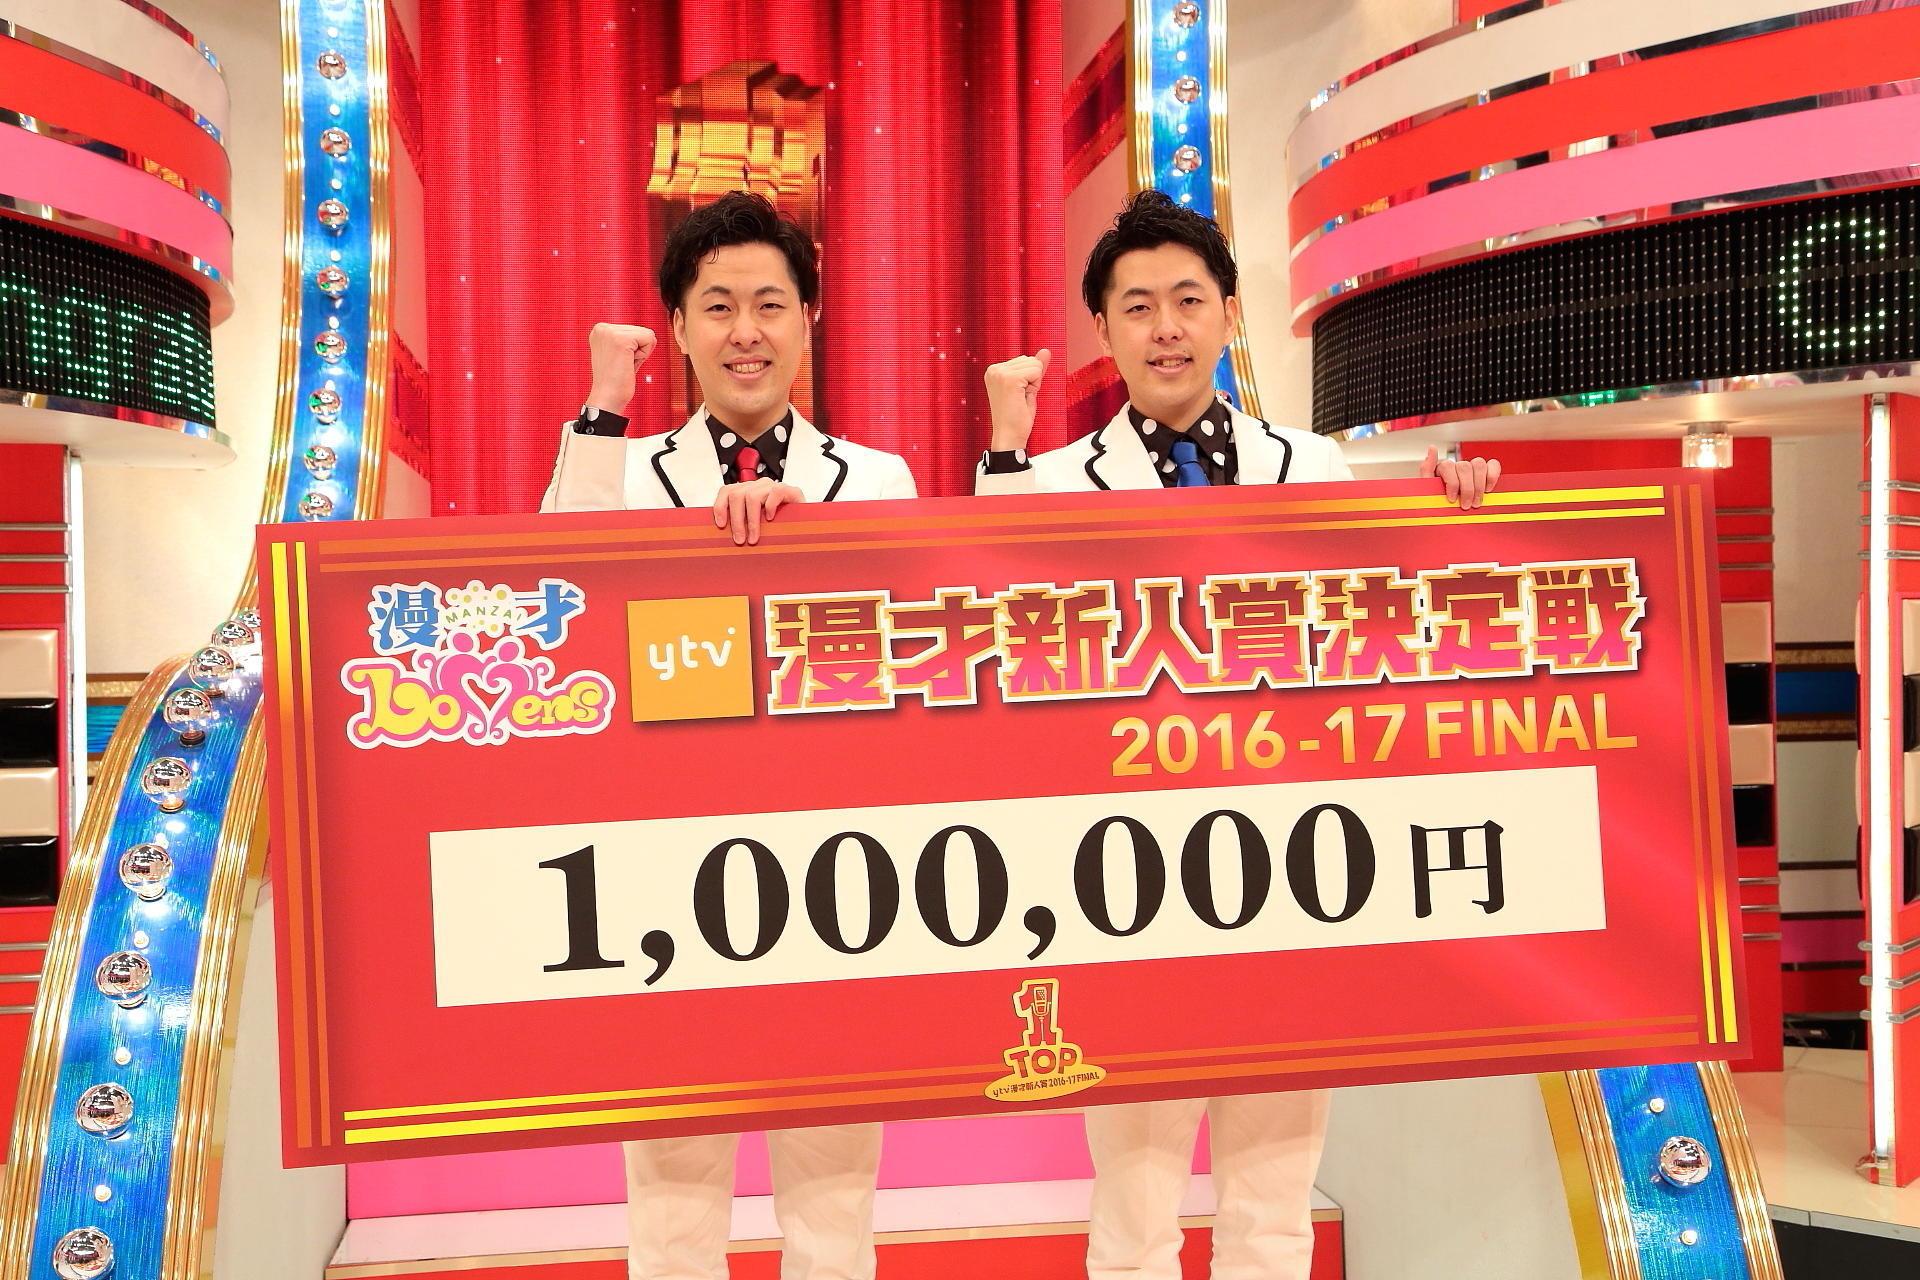 http://news.yoshimoto.co.jp/20170226202057-cb2fe9b63bc8acba6a4736f59e5041bd0d259013.jpg